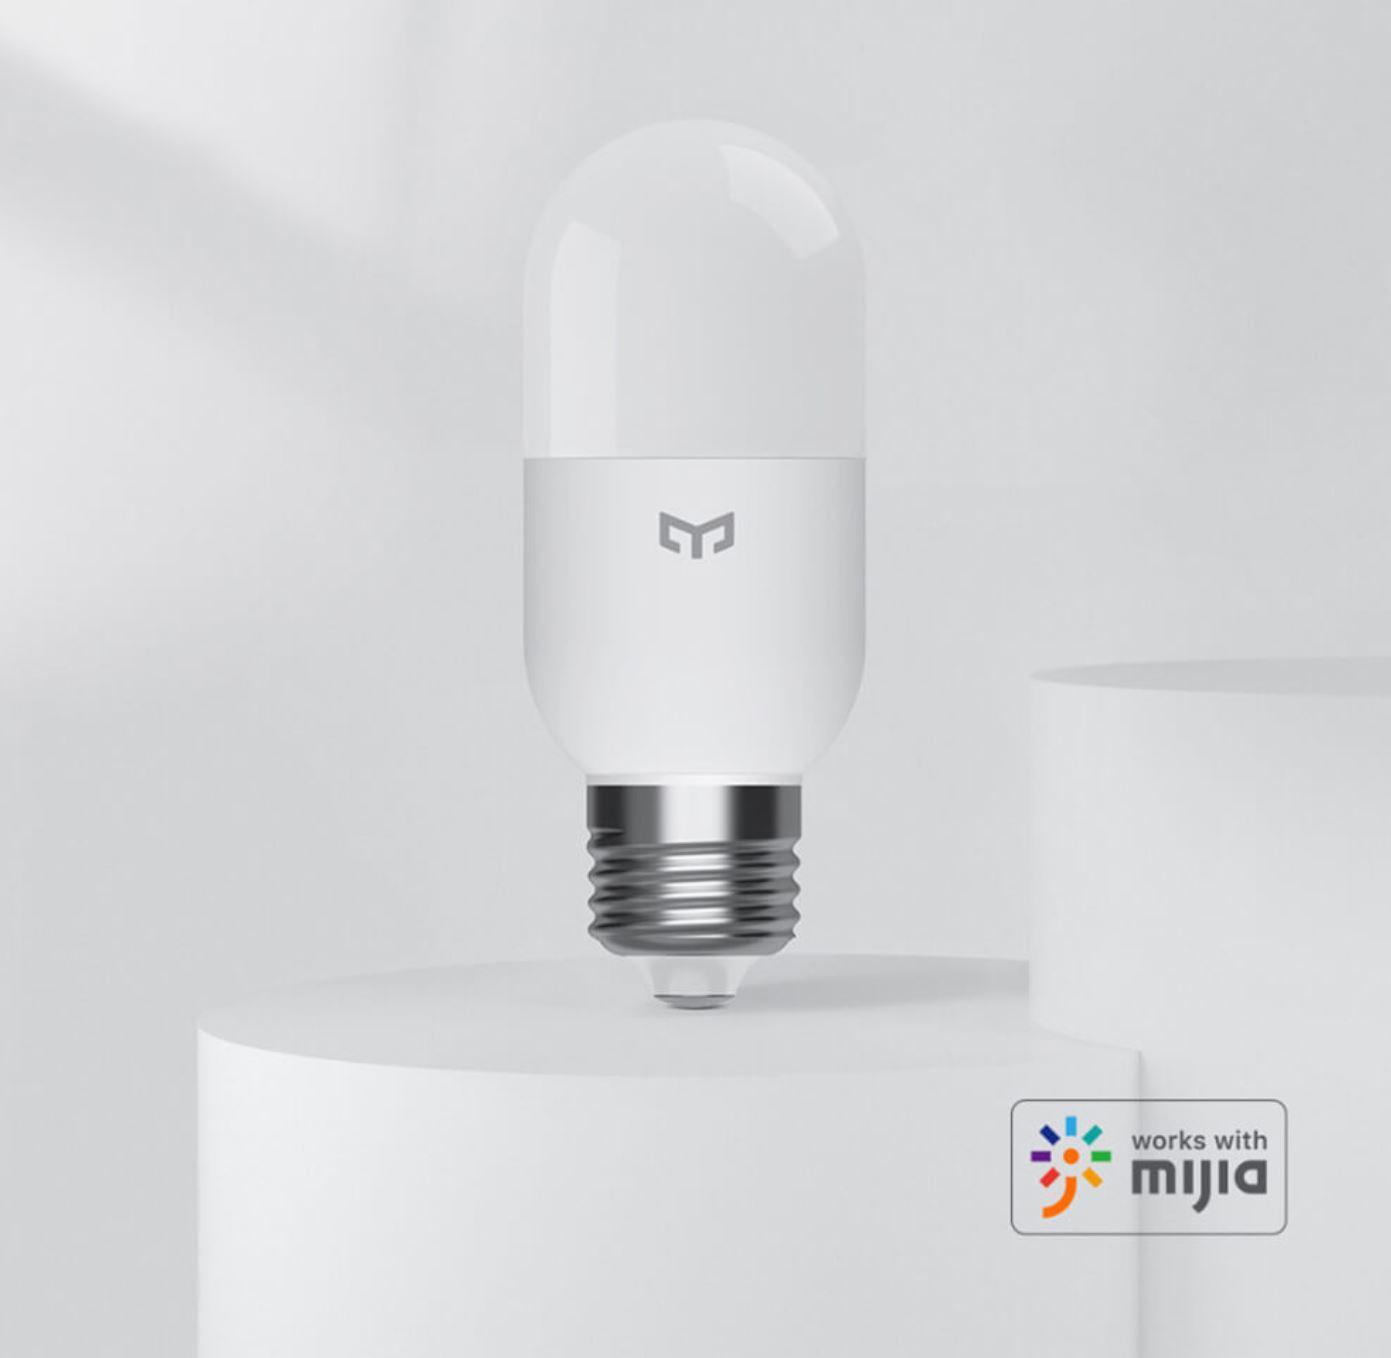 Rozświetl swój dom z Yeelight - świetna oferta na inteligentne żarówki, lampy i plafony - inteligentna żarówka Yeelight LED M2